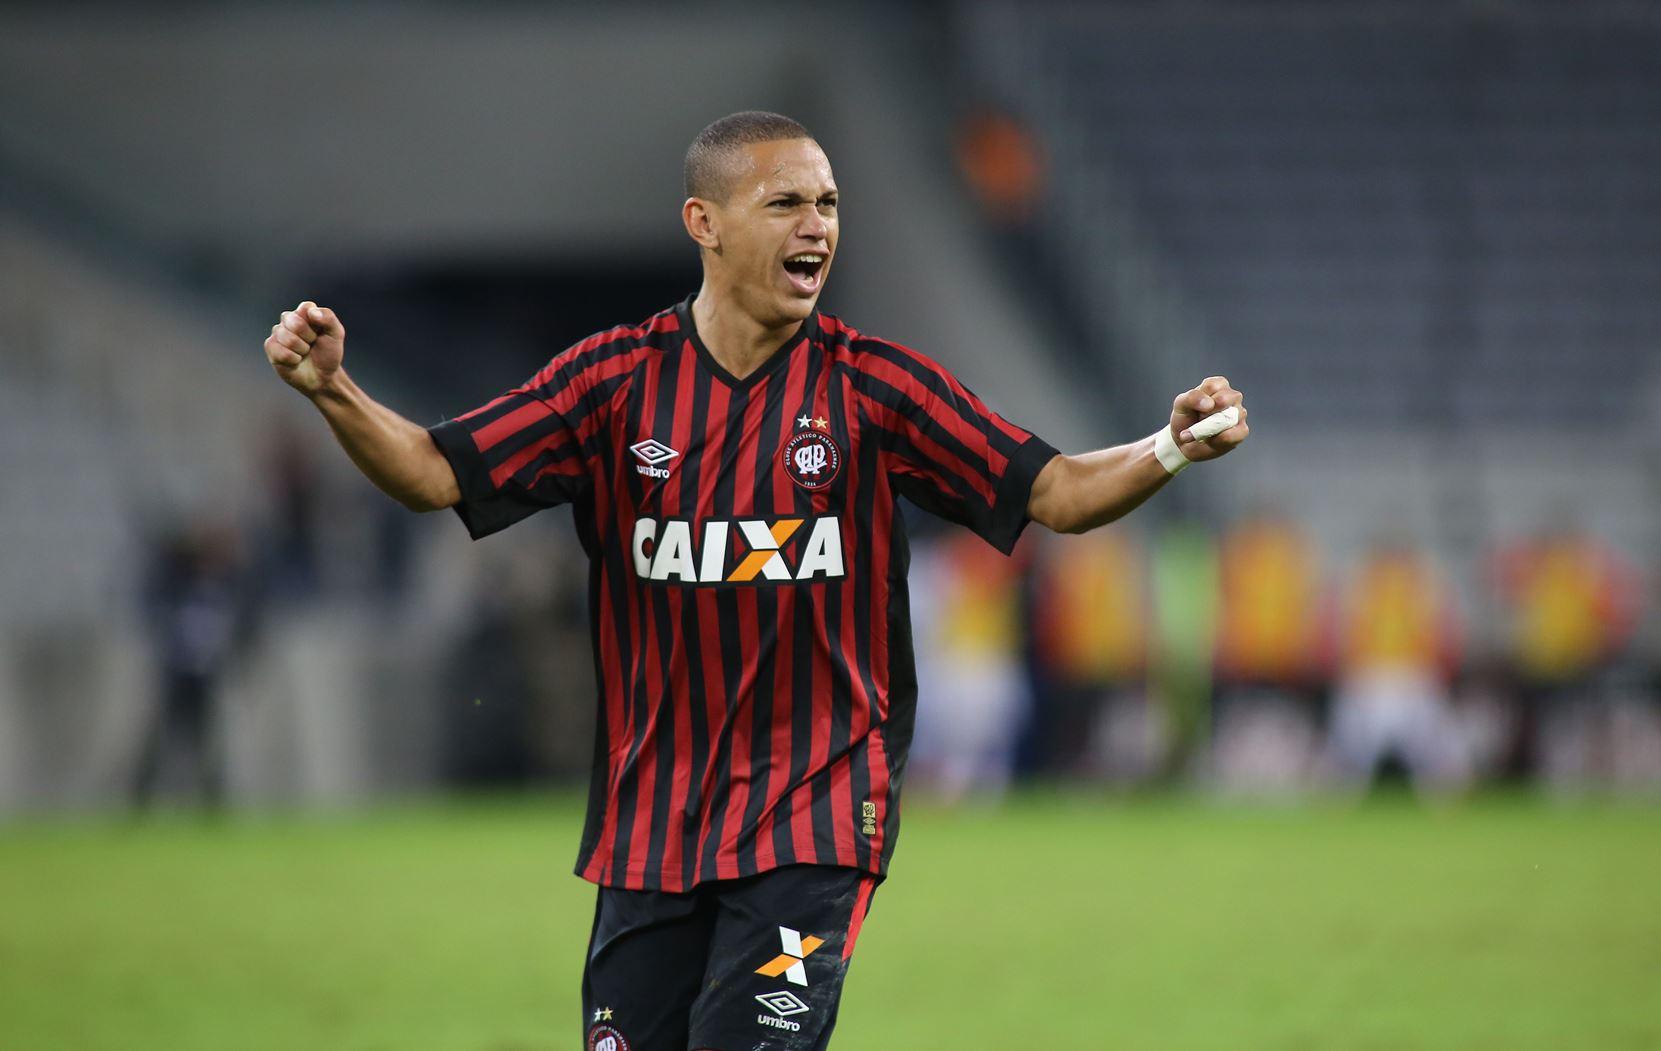 Marcos-Guilherme-100-jogos-Atlético-PR-Futebol-Latino-02-09